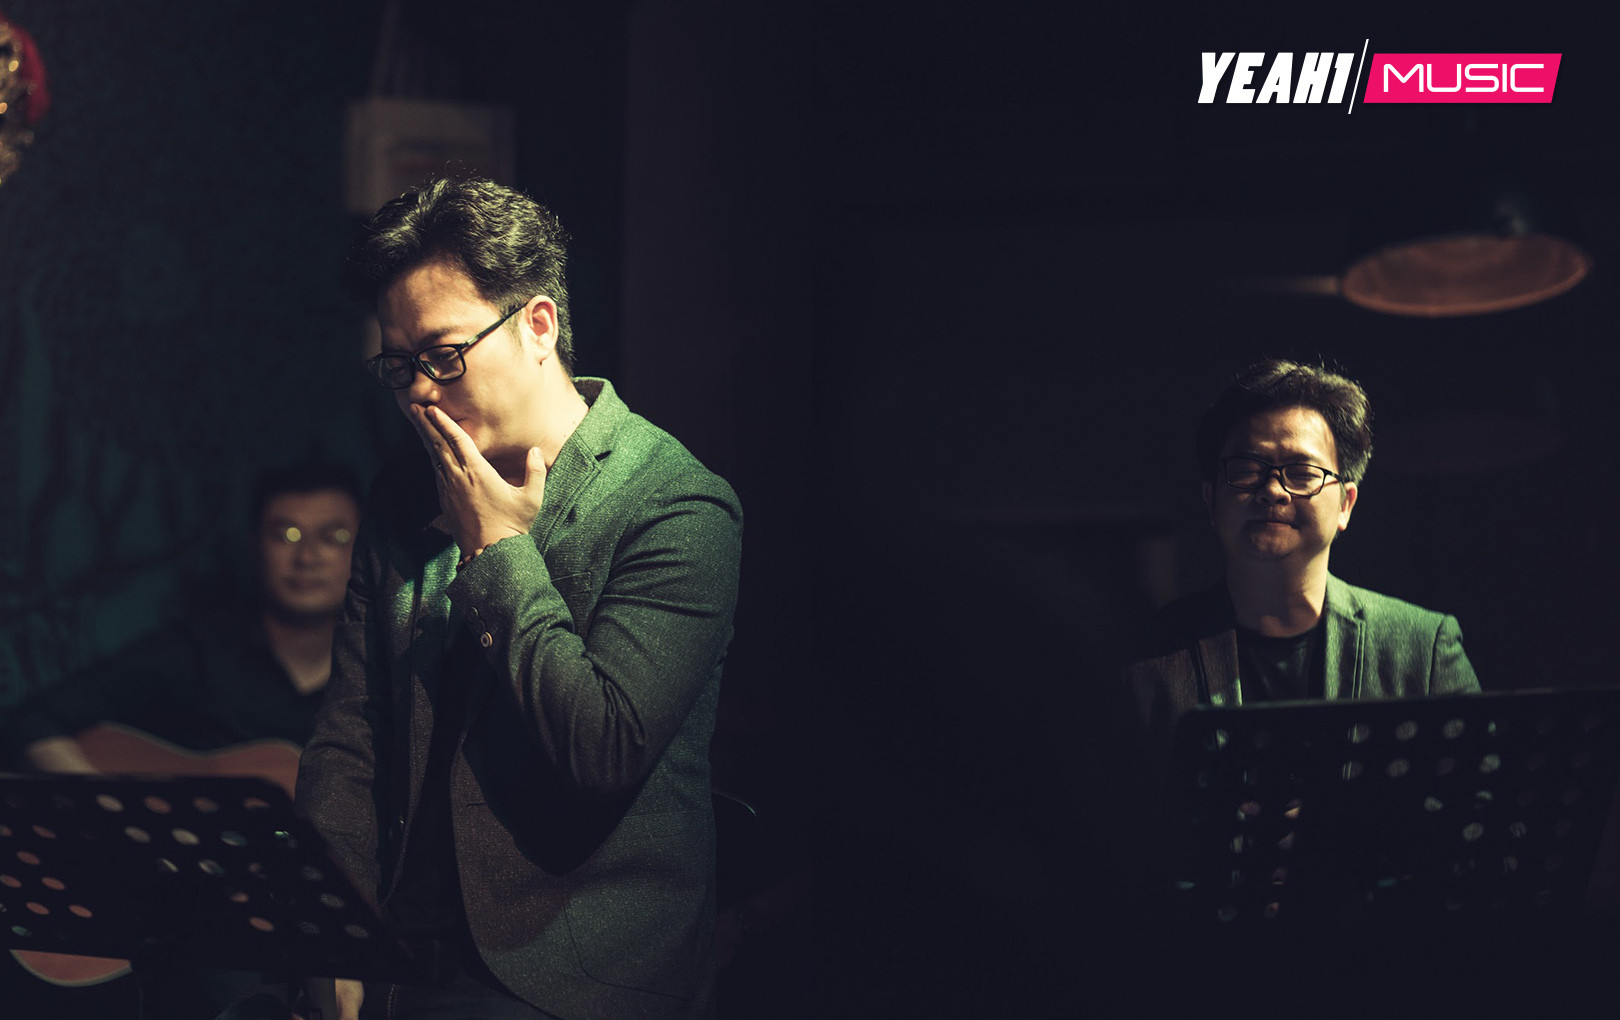 """Nguyễn Minh Cường xúc động khi tổ chức đêm nhạc """"Cả một trời thương nhớ"""", kỷ niệm 2 năm sáng tác"""